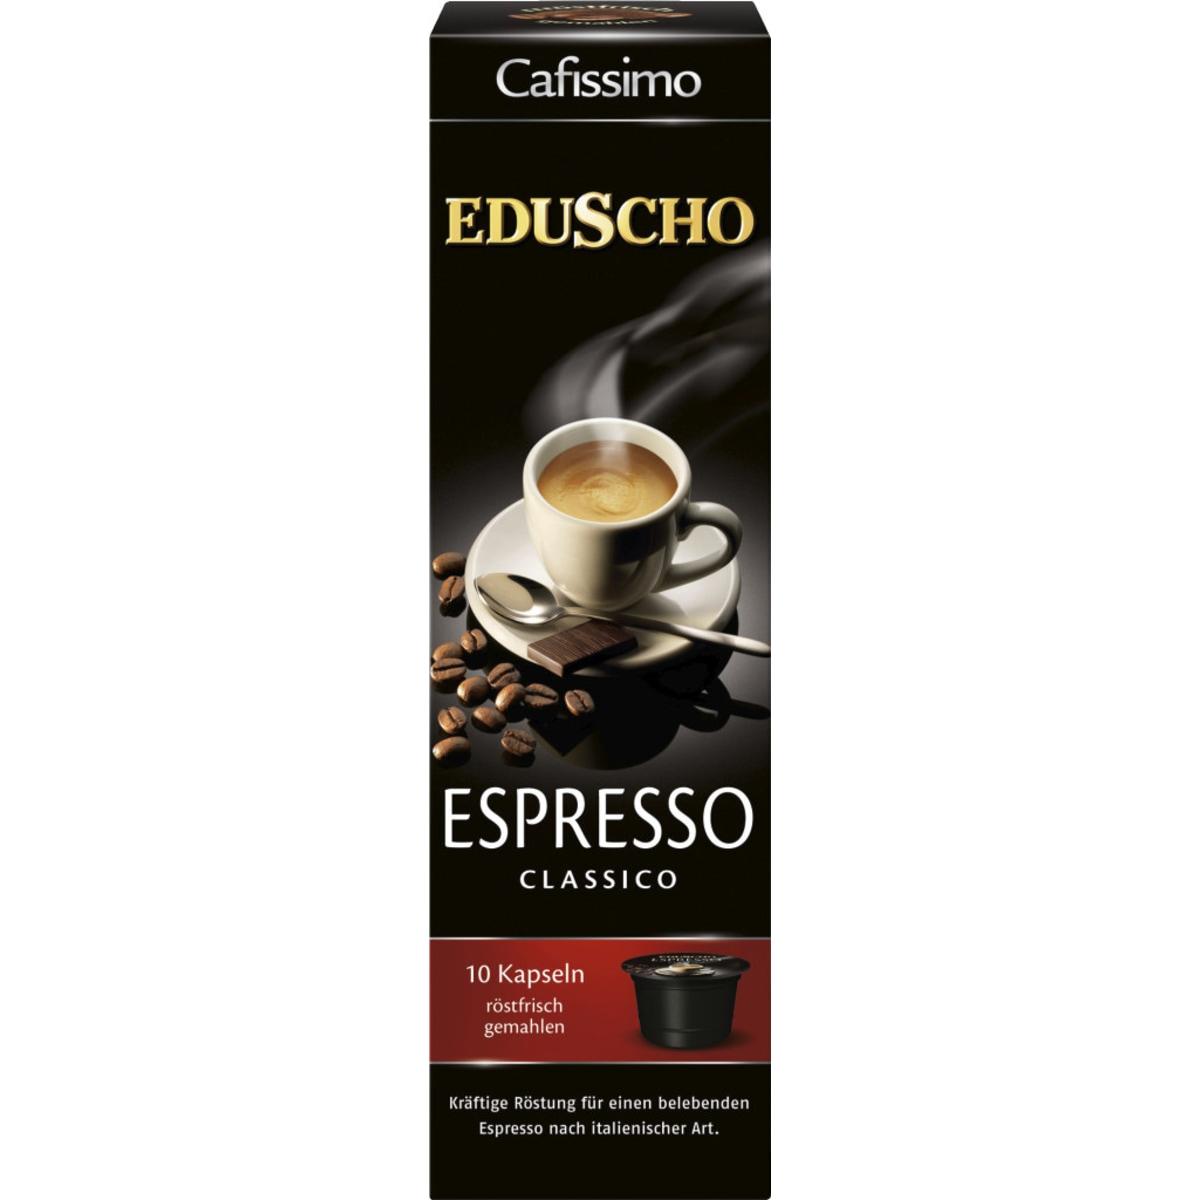 Eduscho Espresso Classico